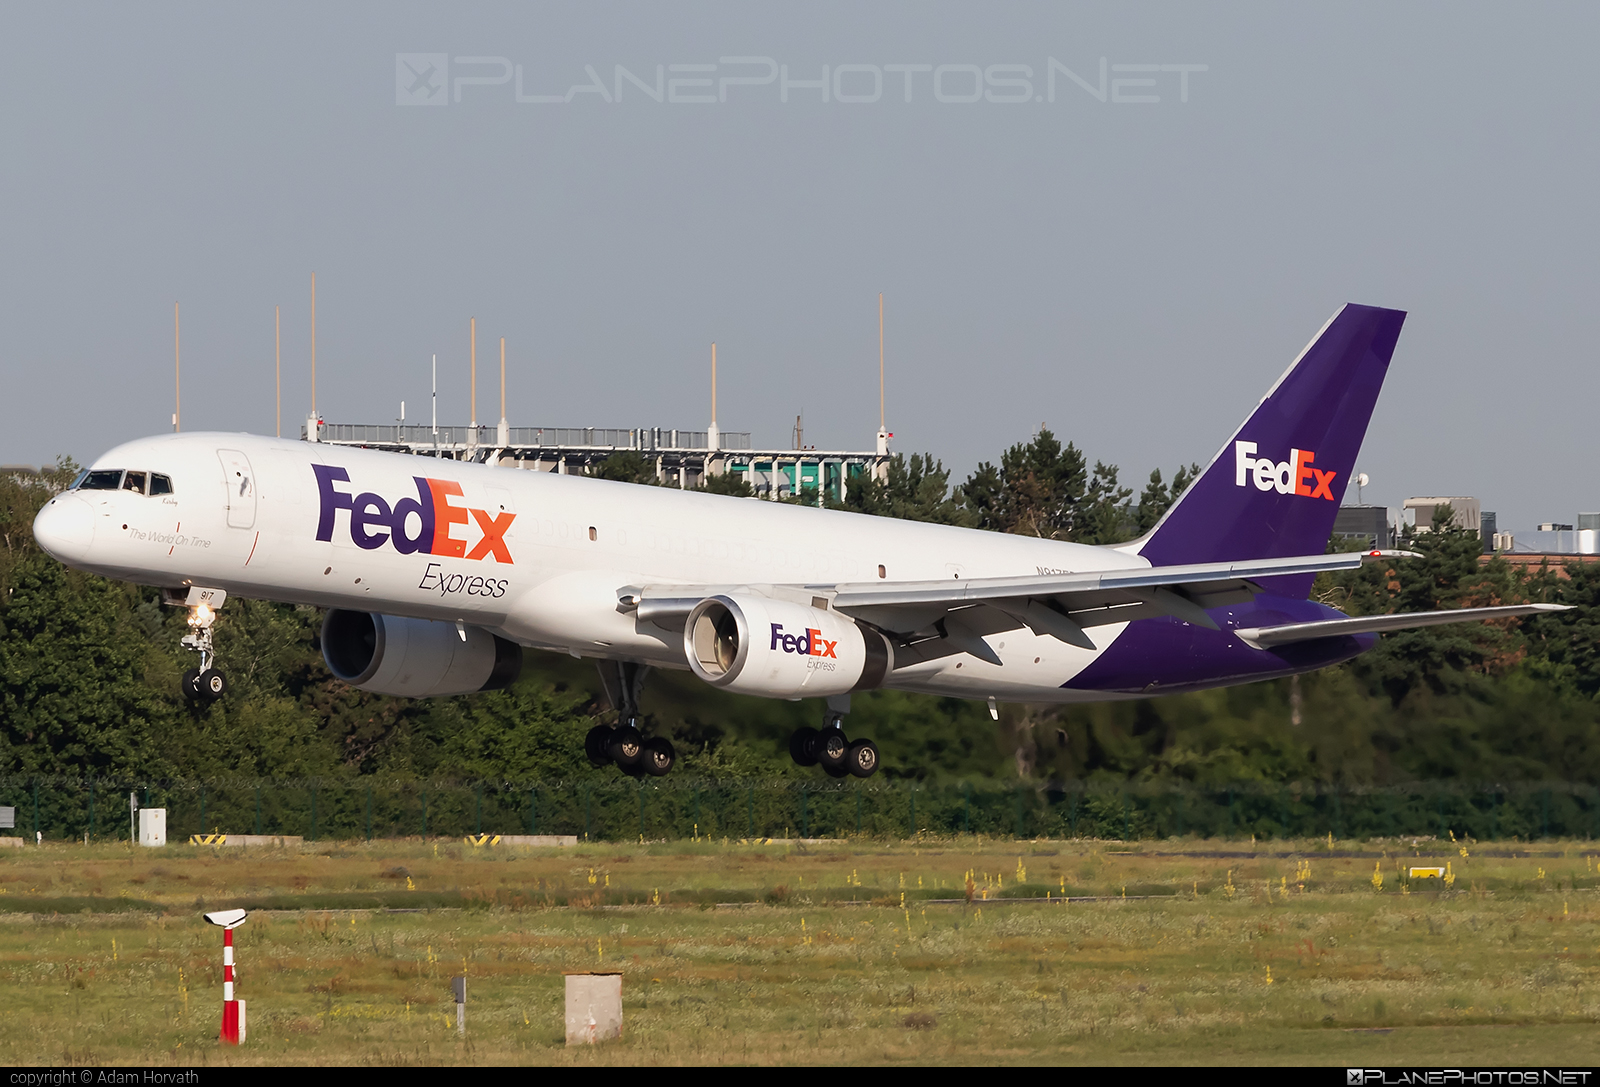 Boeing 757-200SF - N917FD operated by FedEx Express #b757 #boeing #boeing757 #fedex #fedexairlines #fedexexpress